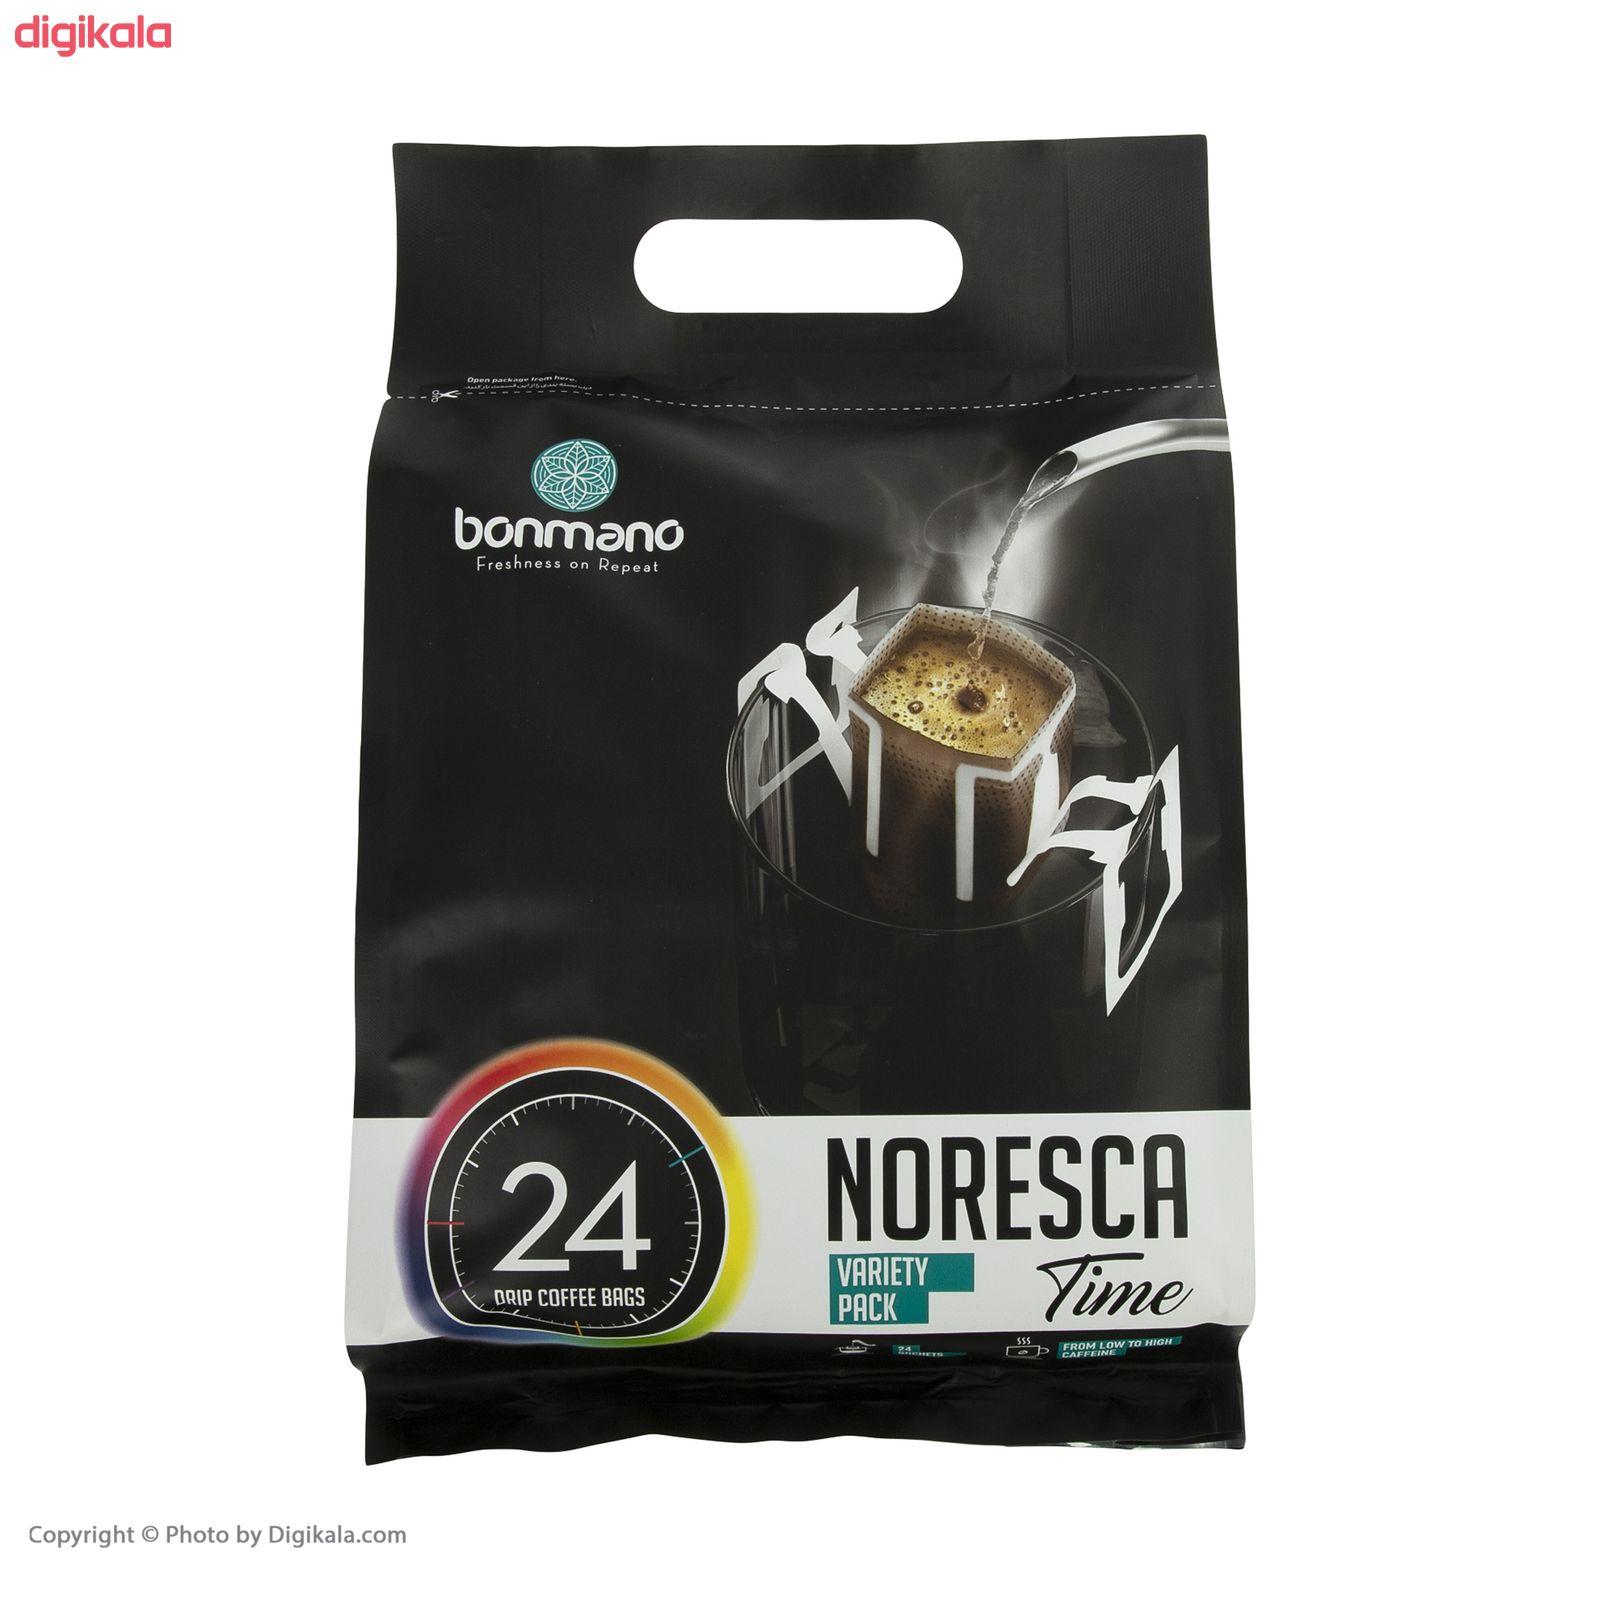 قهوه نورسکا ترکیبی بن مانو - بسته 24 عددی main 1 1